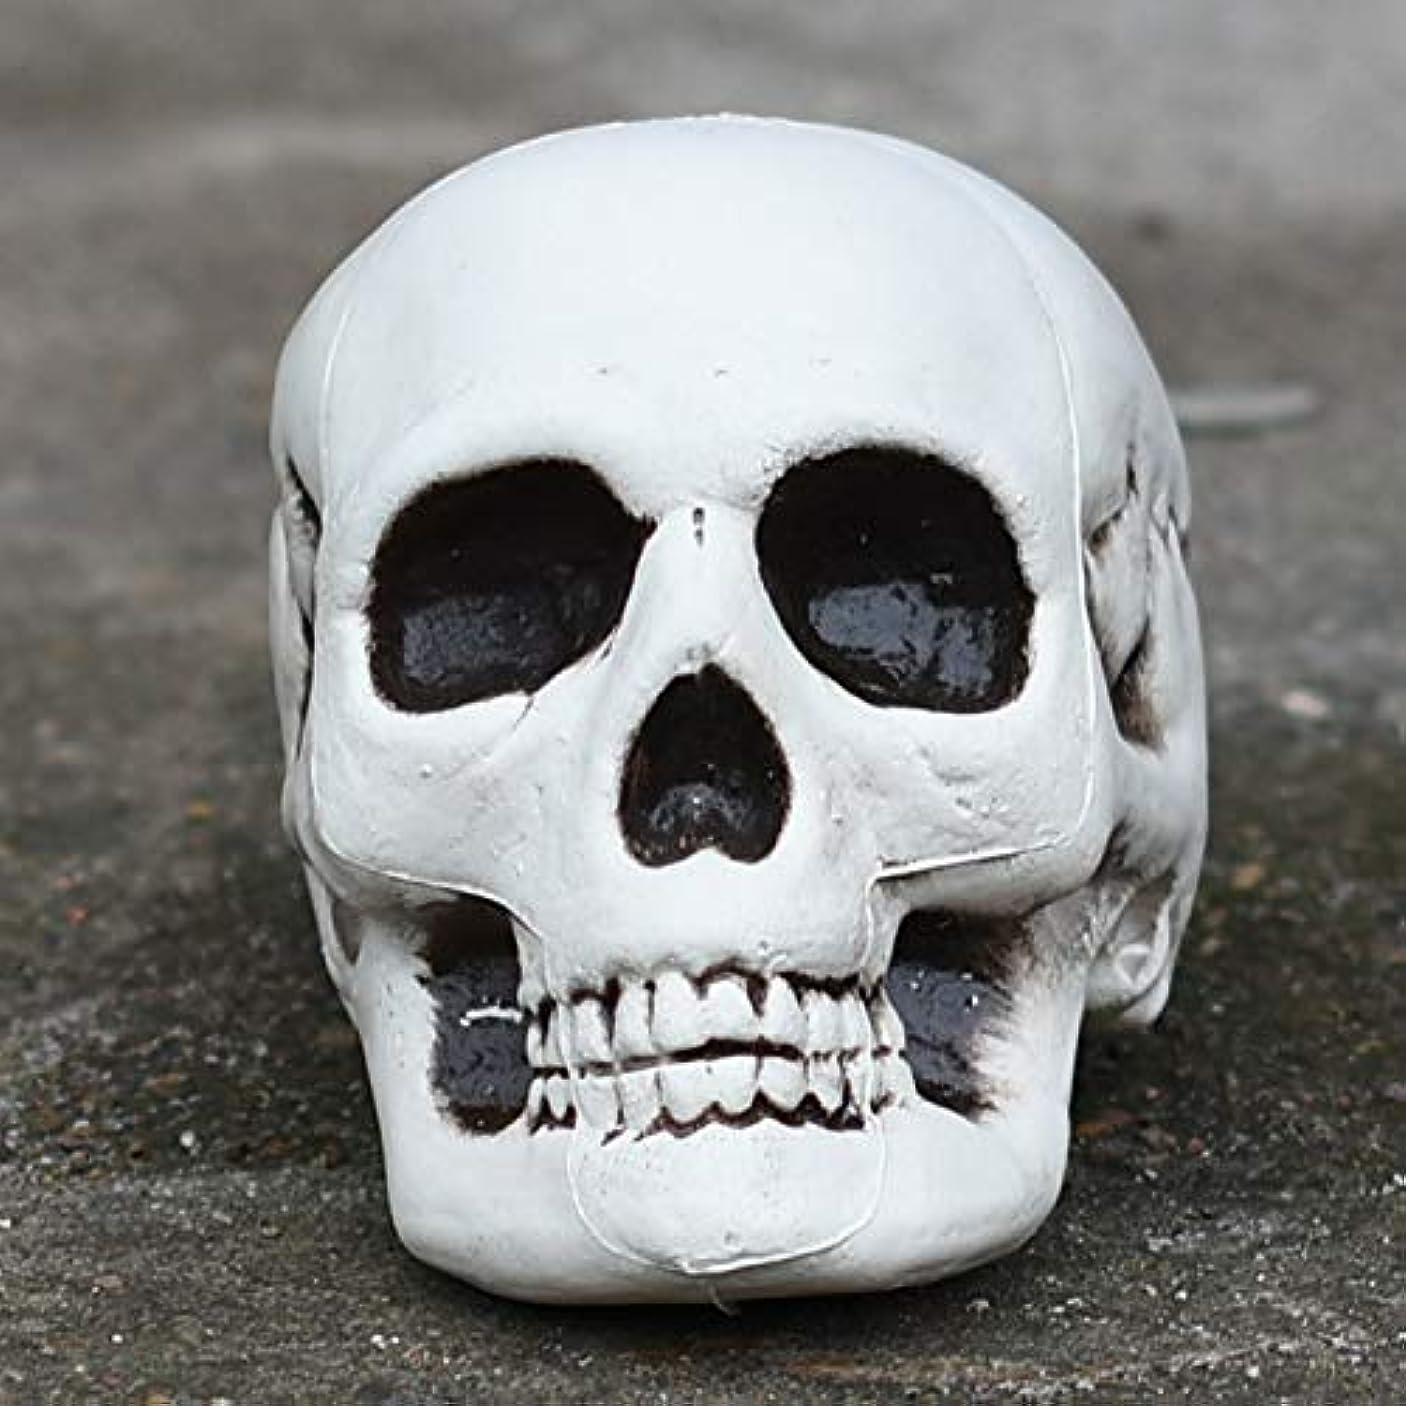 貫入連想スポンジETRRUU HOME デッドトゥースハロウィン小道具バーお化け屋敷秘密の部屋スカル装飾品シミュレーション骨モデル